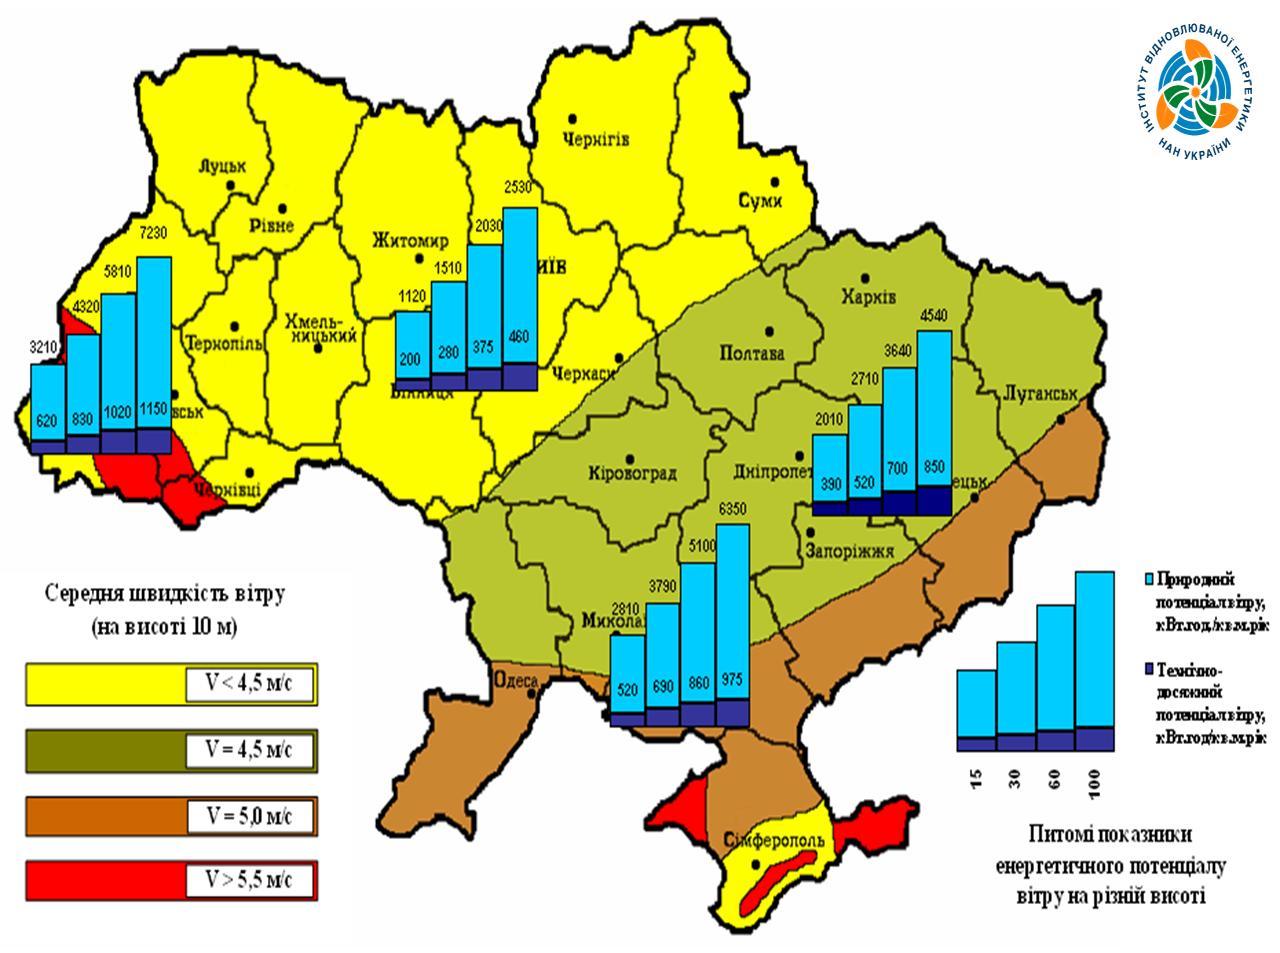 Картинки по запросу ветроэнергетика украины